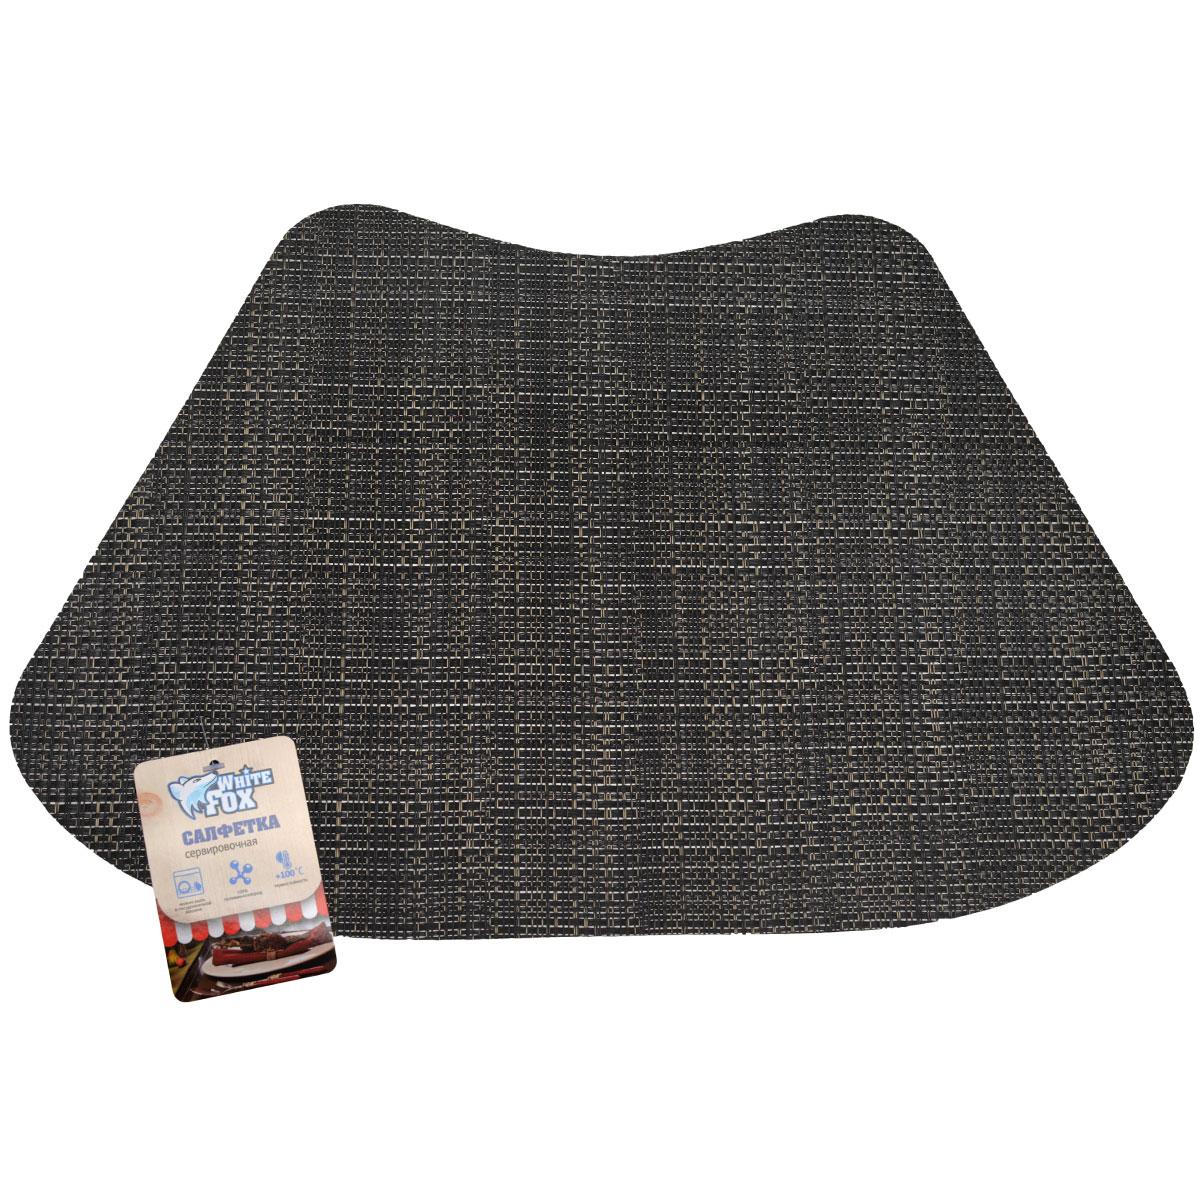 Салфетка сервировочная White Fox Трапеция, цвет: коричневый, 30 x 45 смБ0007904Салфетка White Fox Трапеция, выполненная из ПВХ, предназначена для сервировки стола. Она служит защитой от царапин и различных следов, а также используется в качестве подставки под горячее. Форма Трапеция разработана специально для наиболее удобного расположения посуды и столовых приборов.